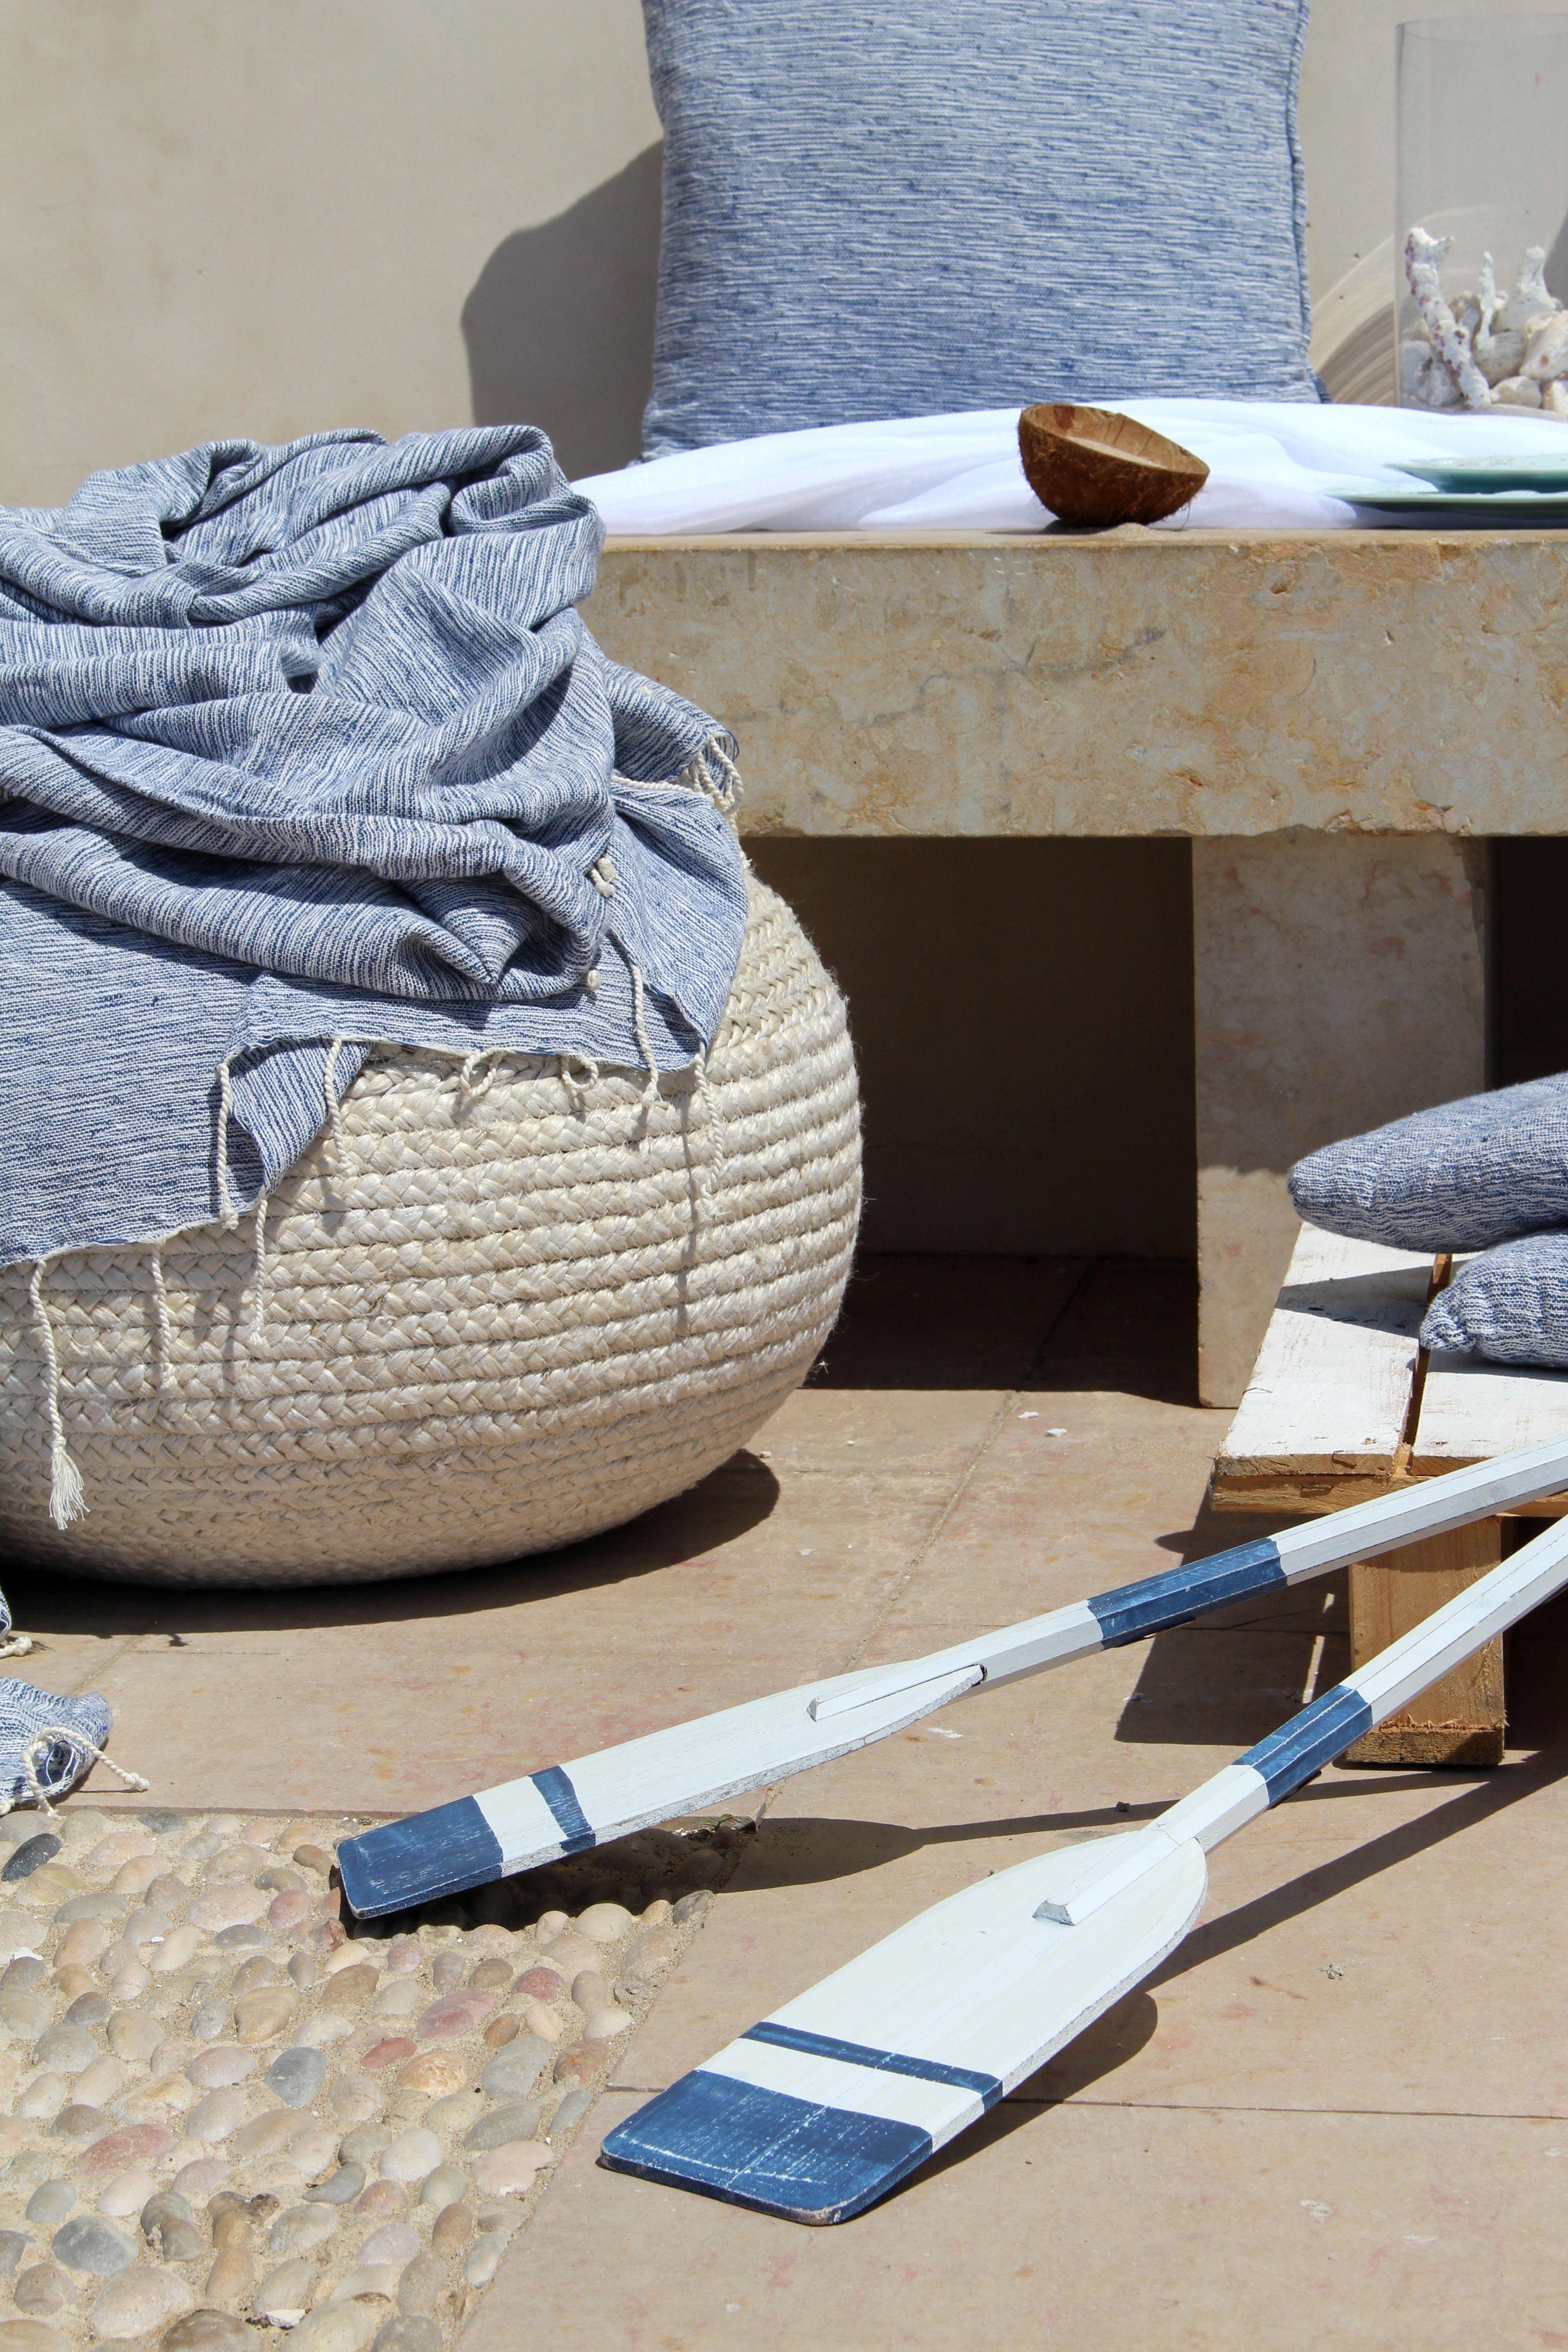 Cojines de silla o colchonetas para tu espacio chill out - Espacio chill out ...